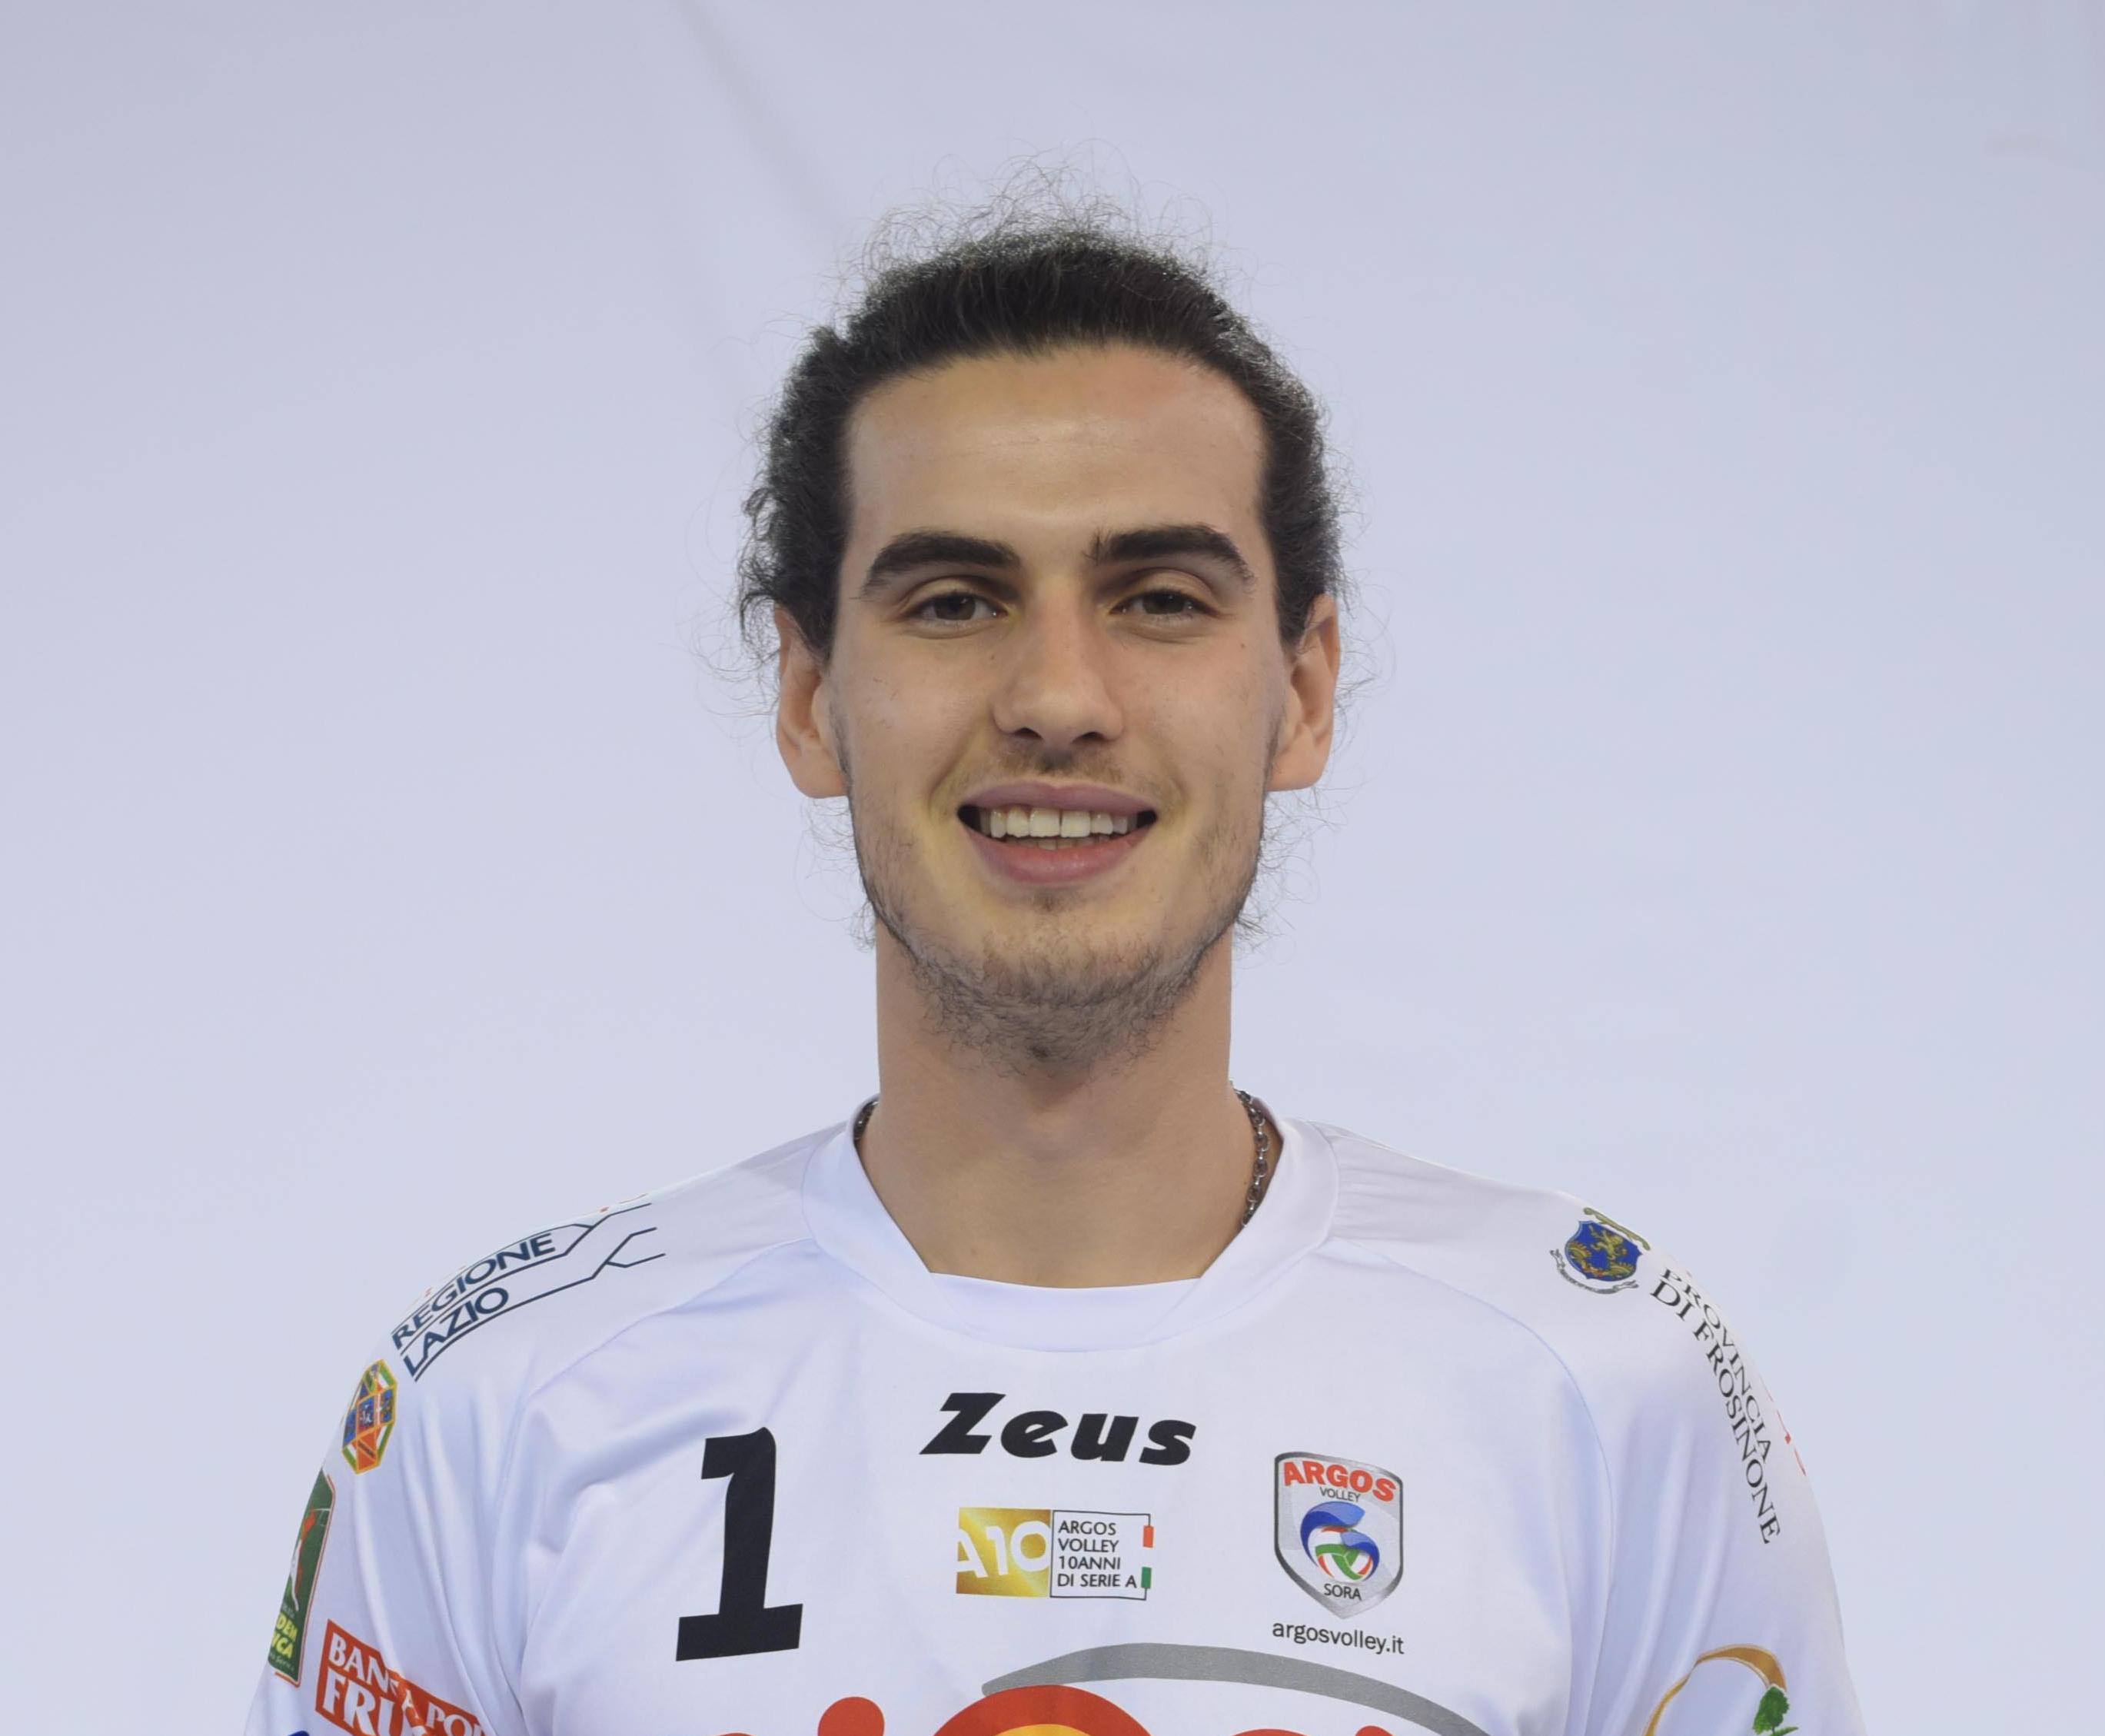 Marrazzo Federico